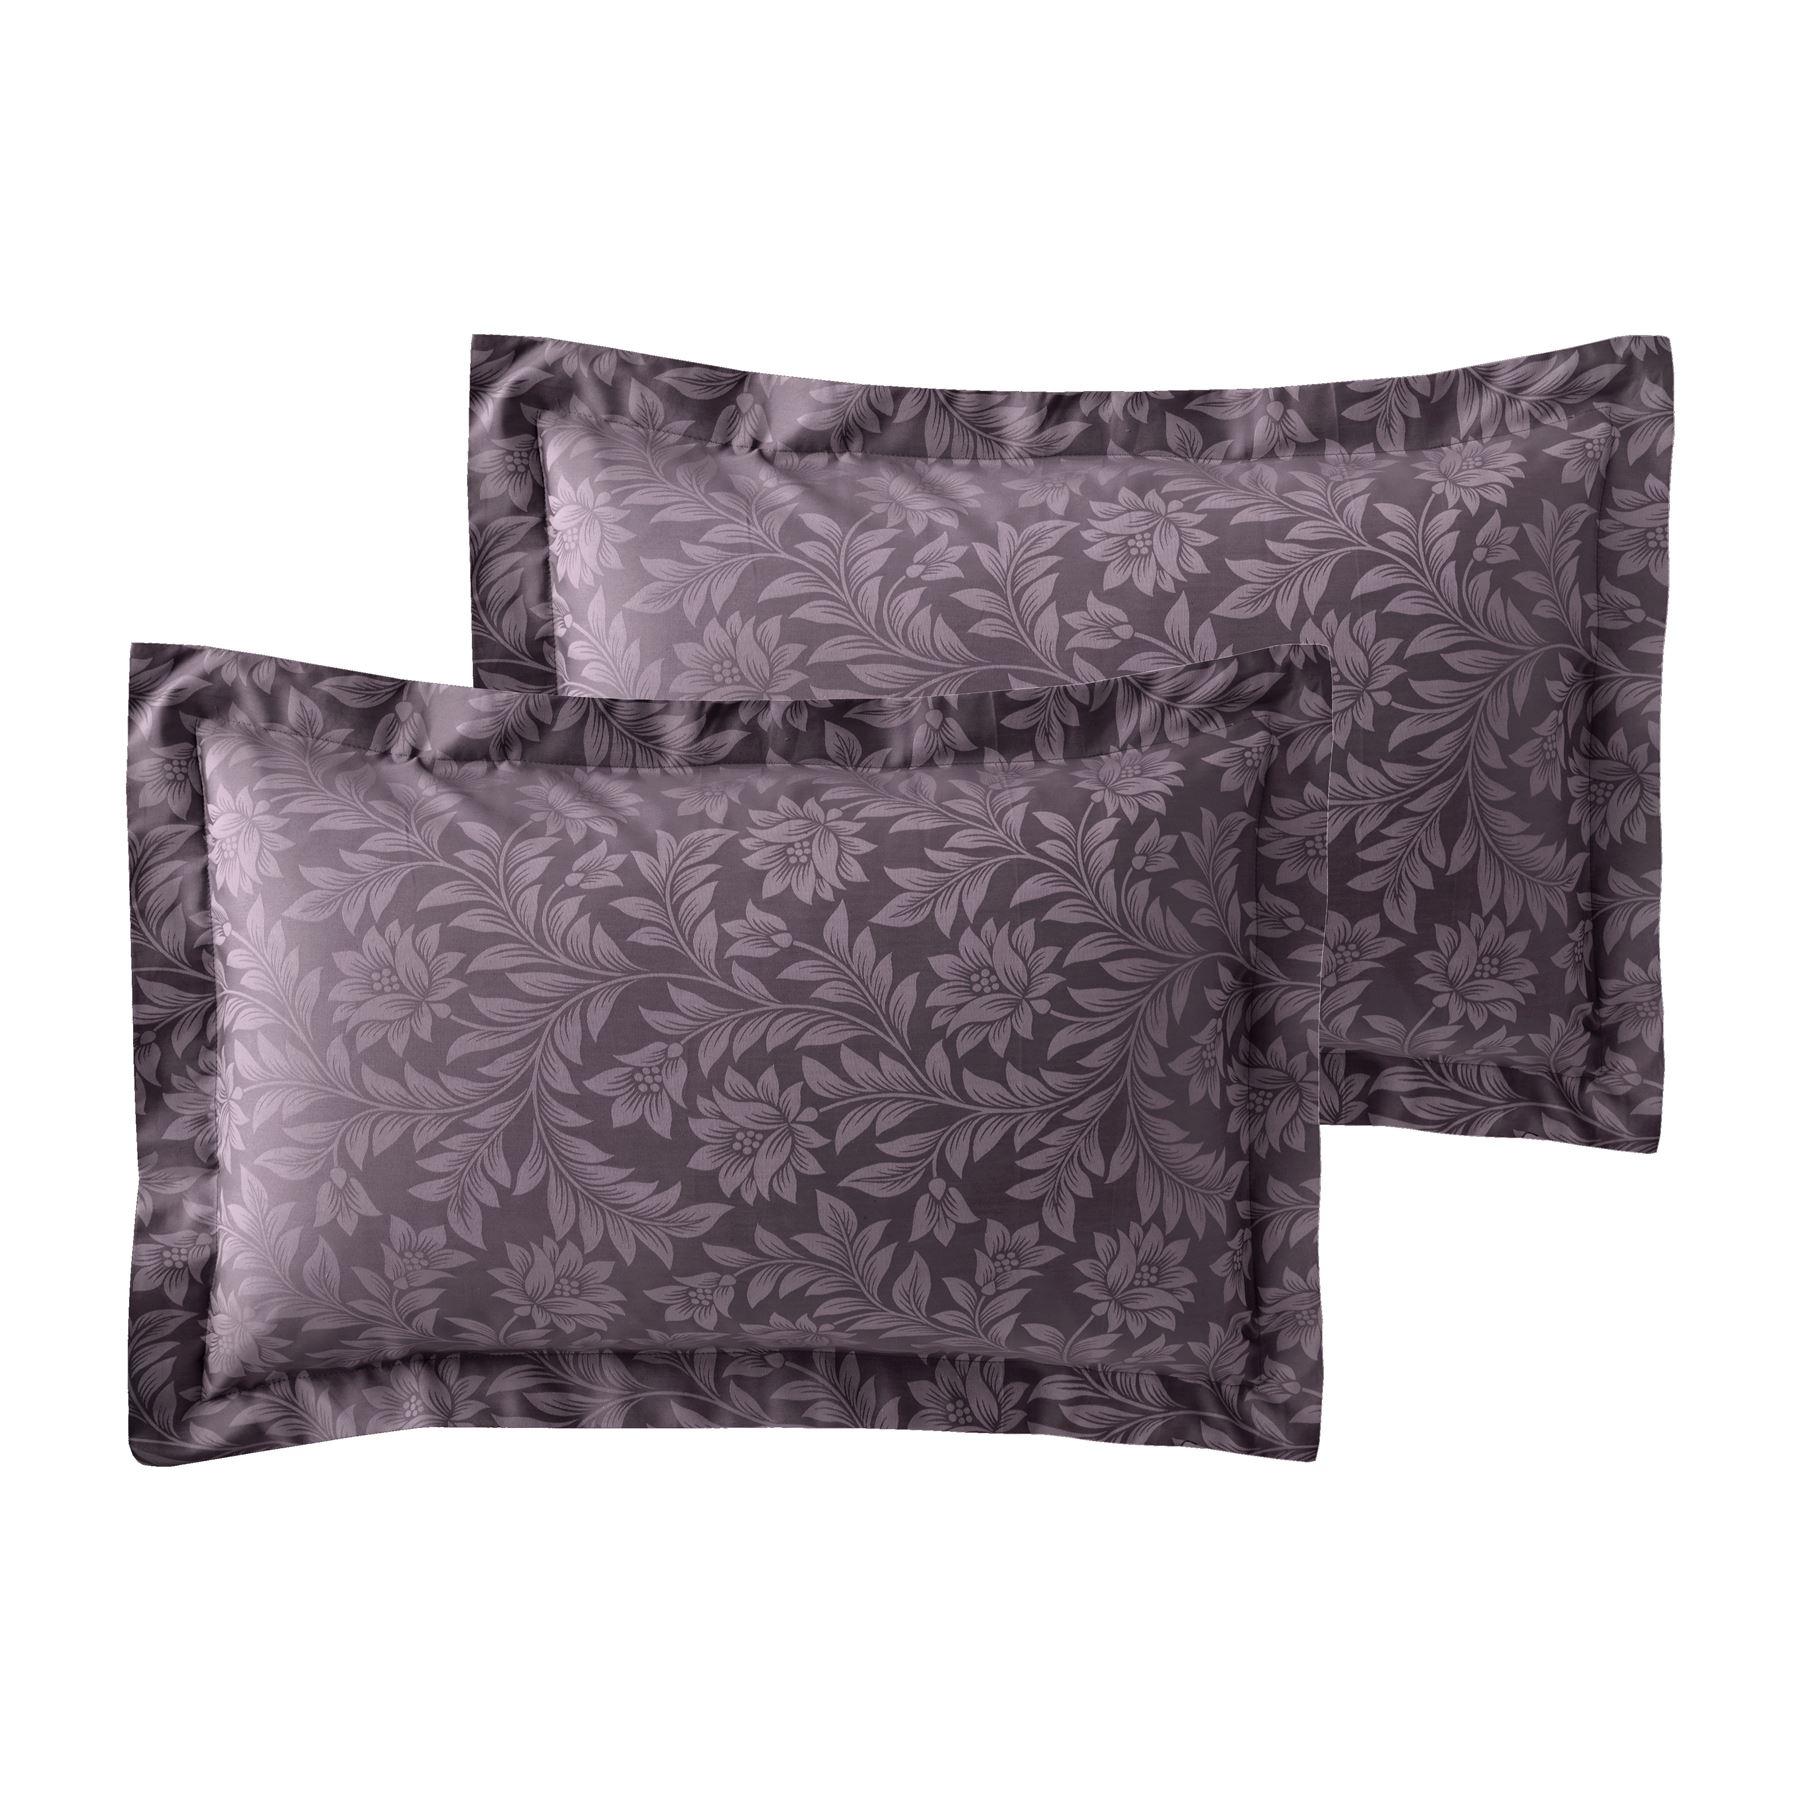 Jacquard-600-Hilos-De-Algodon-Rico-Floral-Duvet-Cover-Set-Fundas-de-almohada-Oxford miniatura 26